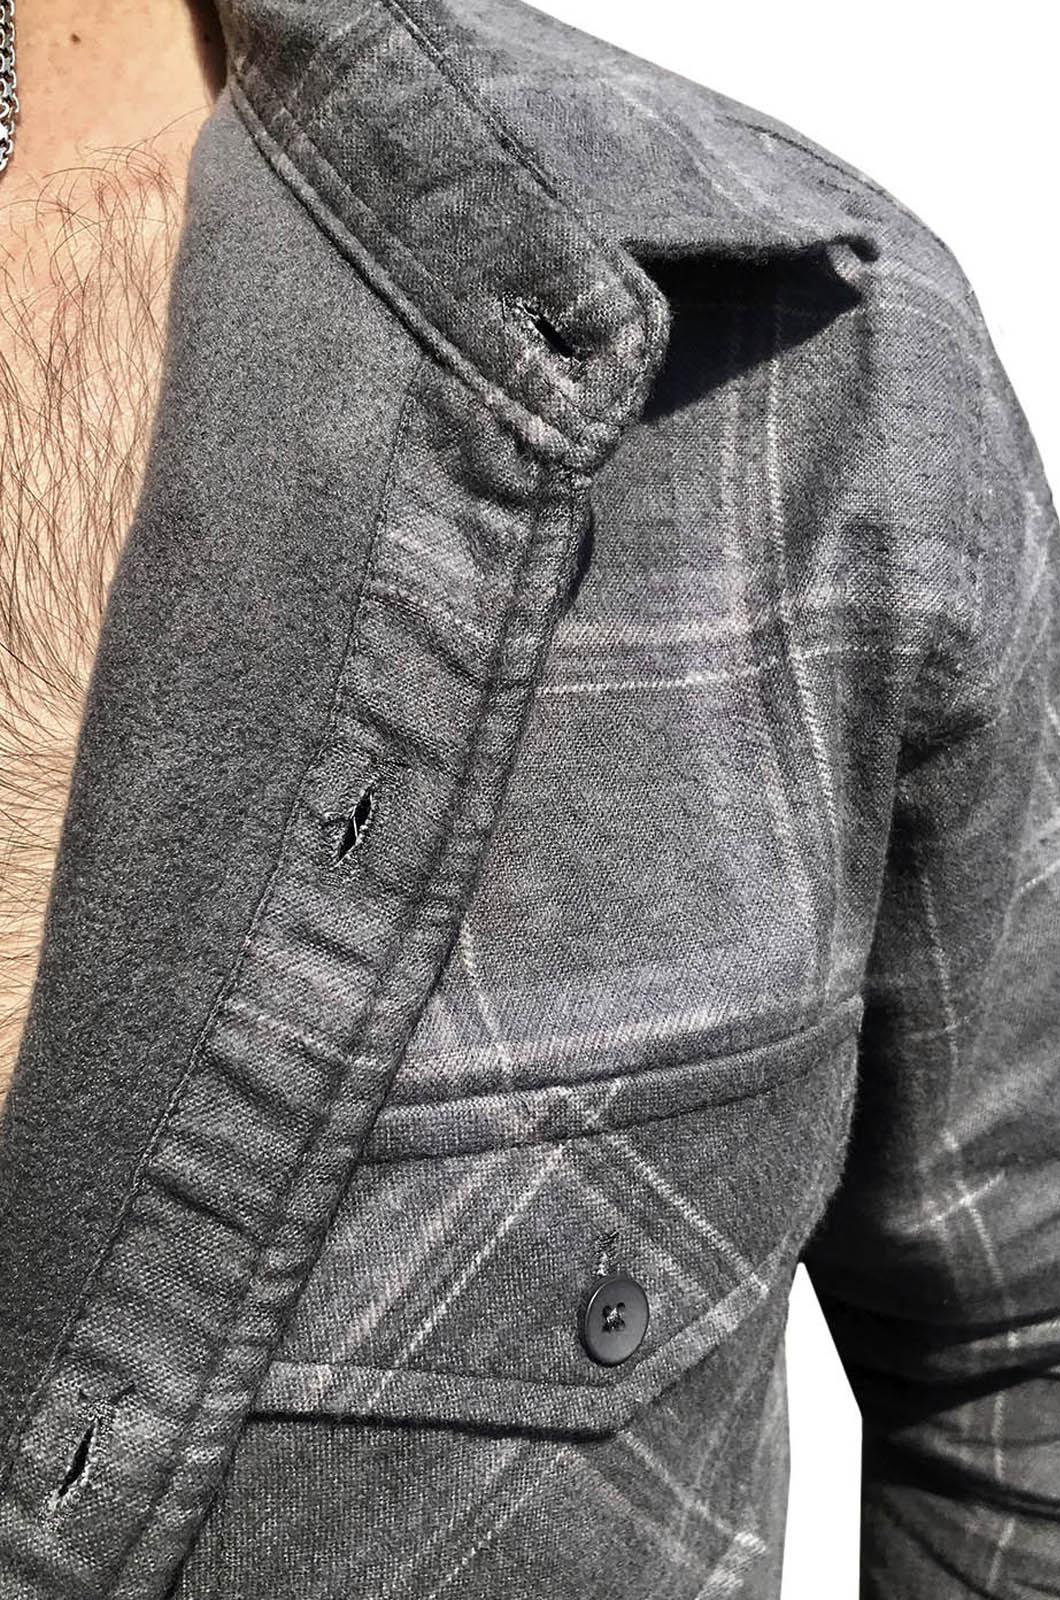 Мужская рубашка с шевроном ДШМГ купить оп сбалансированной цене